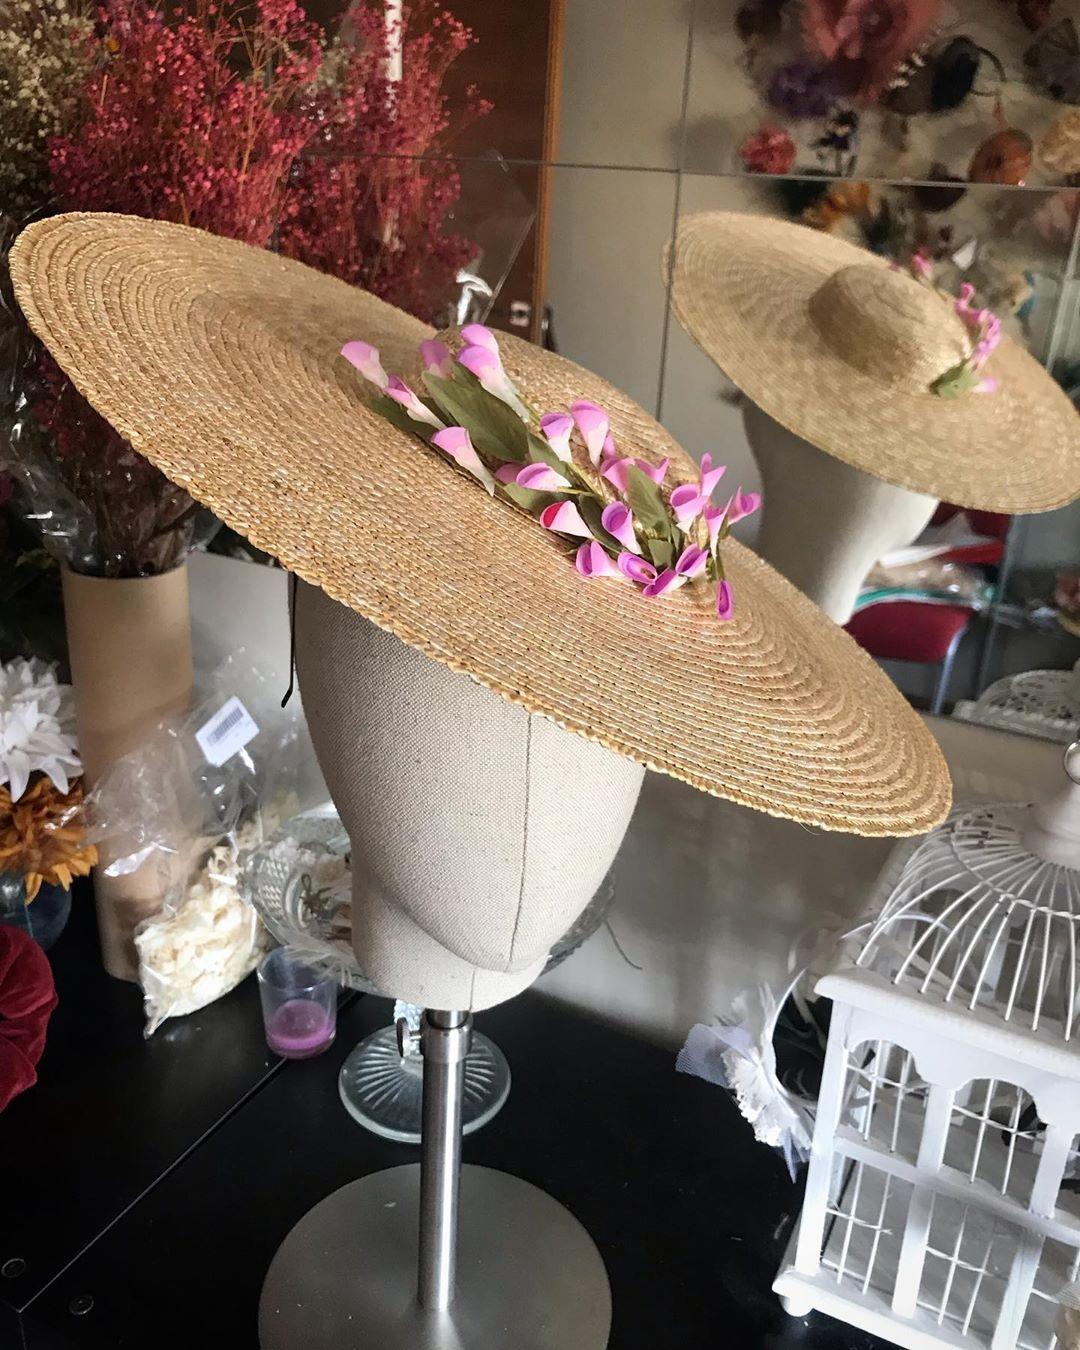 Tenemos el taller lleno de preciosas #pamelas #tocados y #sombreros listos ✅ para llevar , boda en Septiembre?? Pásate a vernos